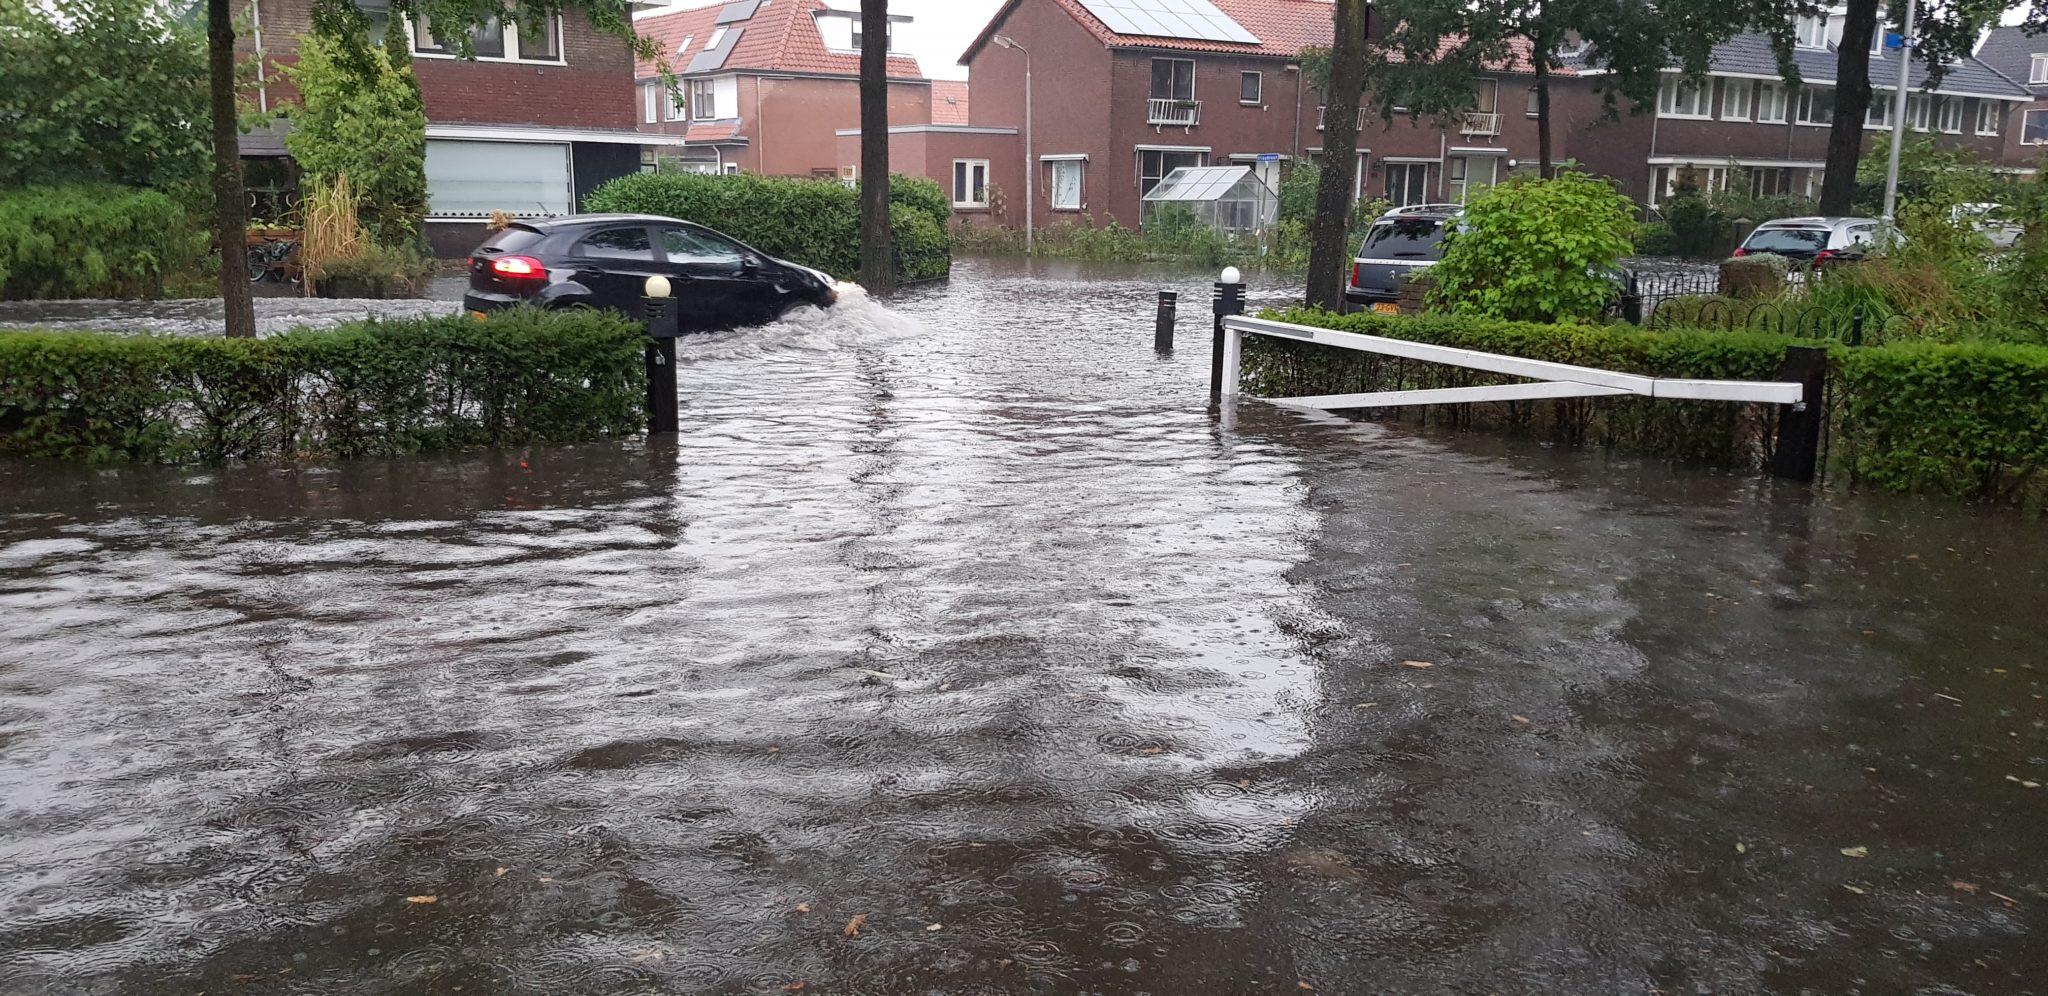 Wateroverlast door regen in Amersfoort